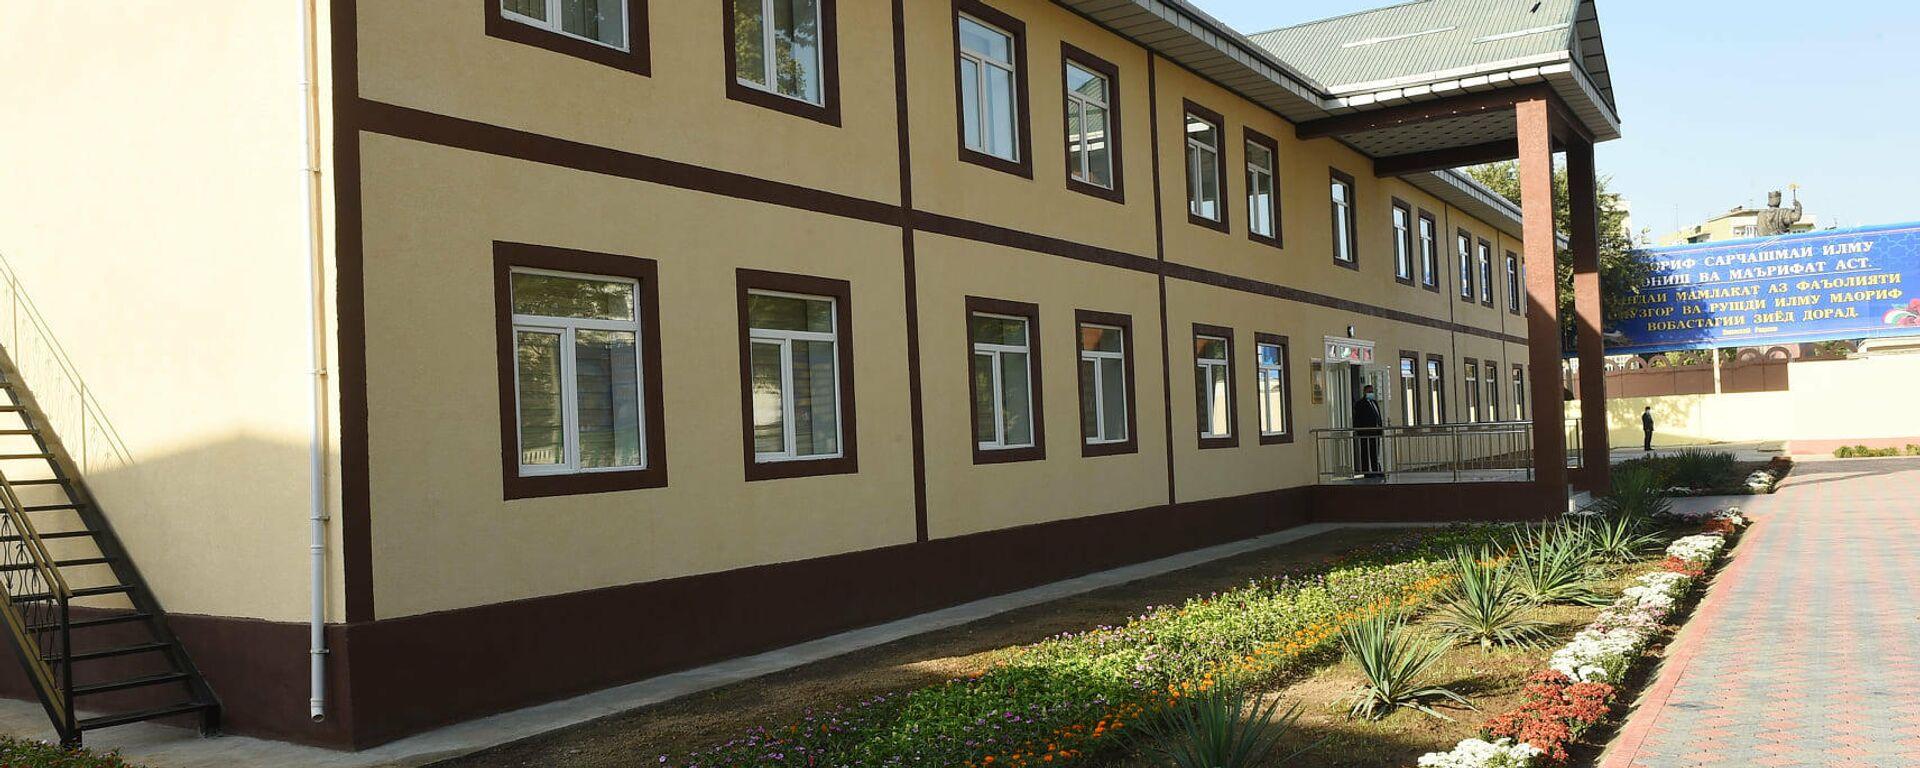 Новая школа в Турсунзаде - Sputnik Тоҷикистон, 1920, 26.08.2021